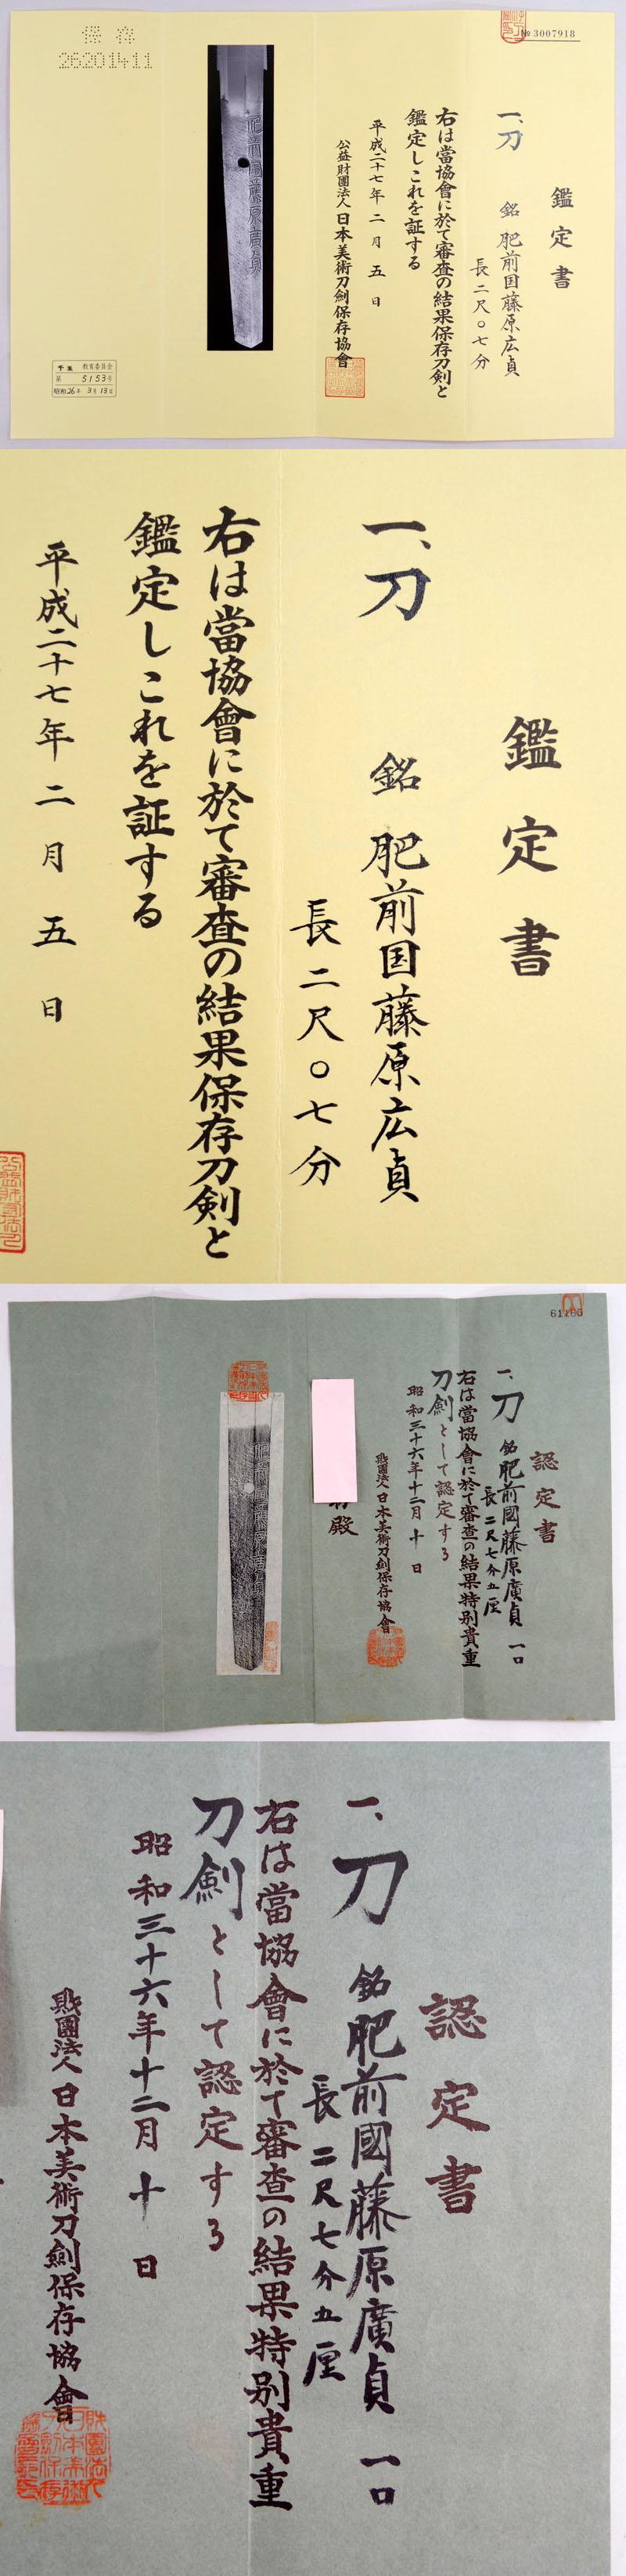 肥前国藤原広貞(2代) Picture of Certificate